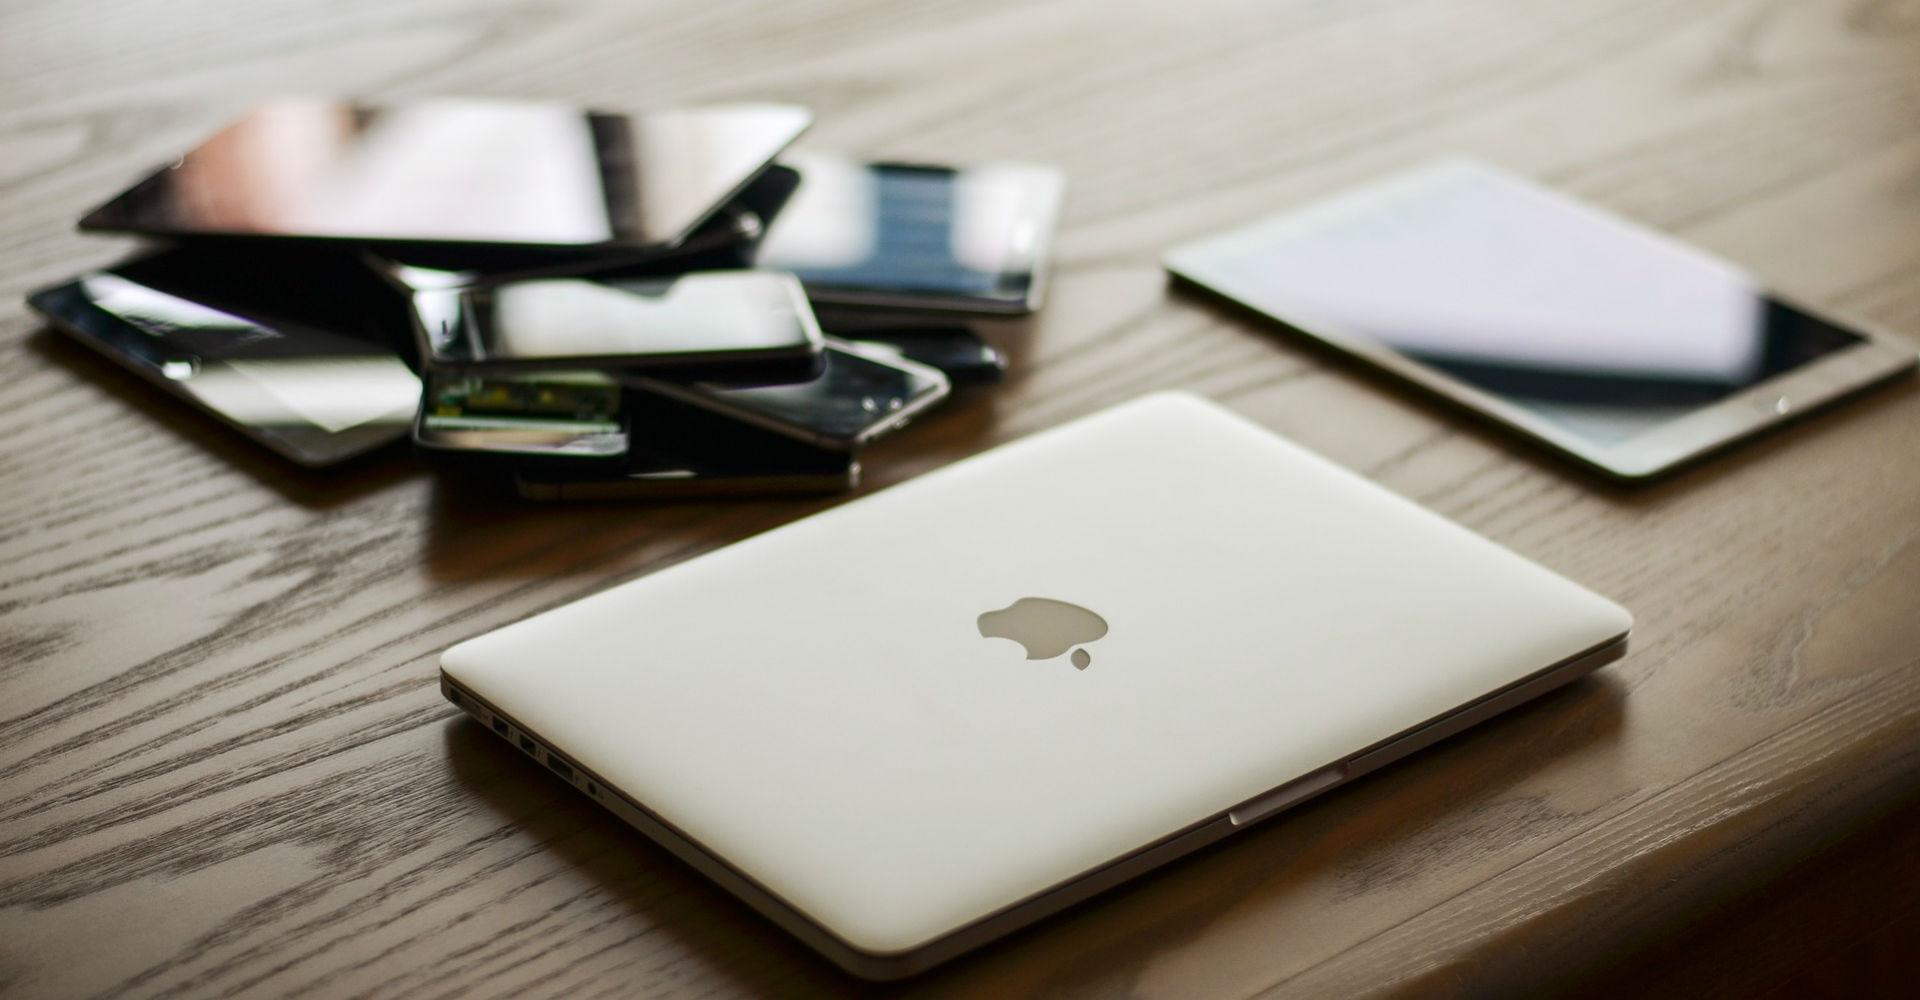 Ein Stapel an Smartphones, Tablets und einem Macbook von Apple.